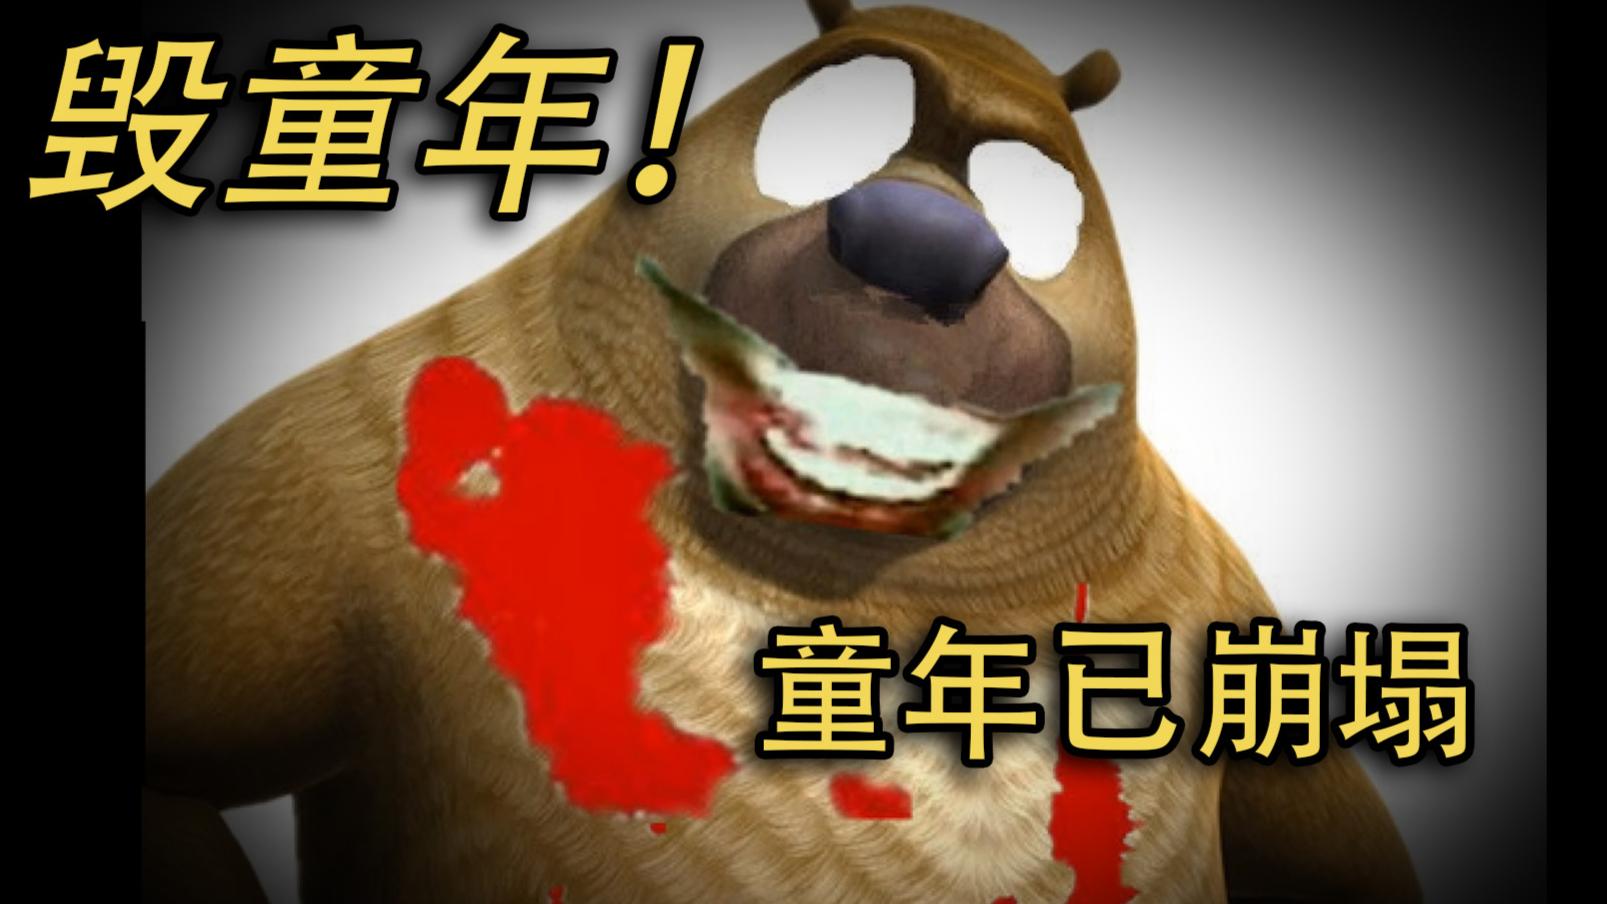 熊出没出恐怖游戏了!光头强生化危机?《熊出没之残》中